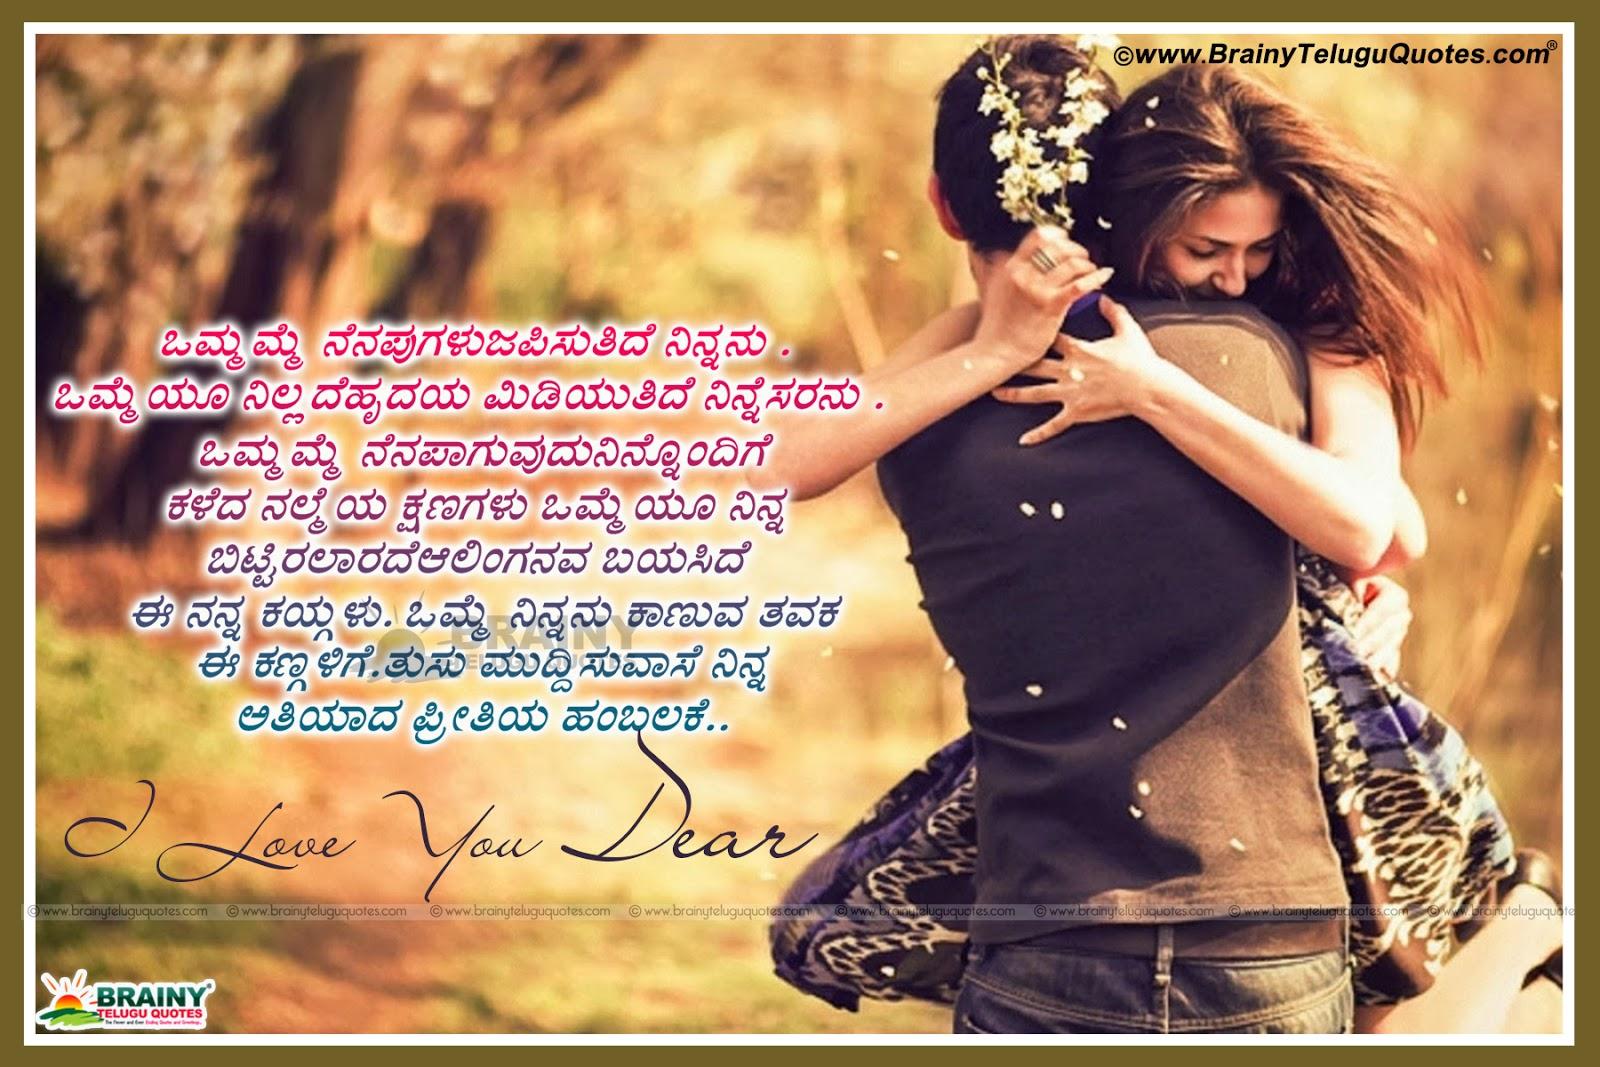 Best Romantic Love Quotes In Telugu Language,kannada - Romantic Love Quotes In Kannada - HD Wallpaper